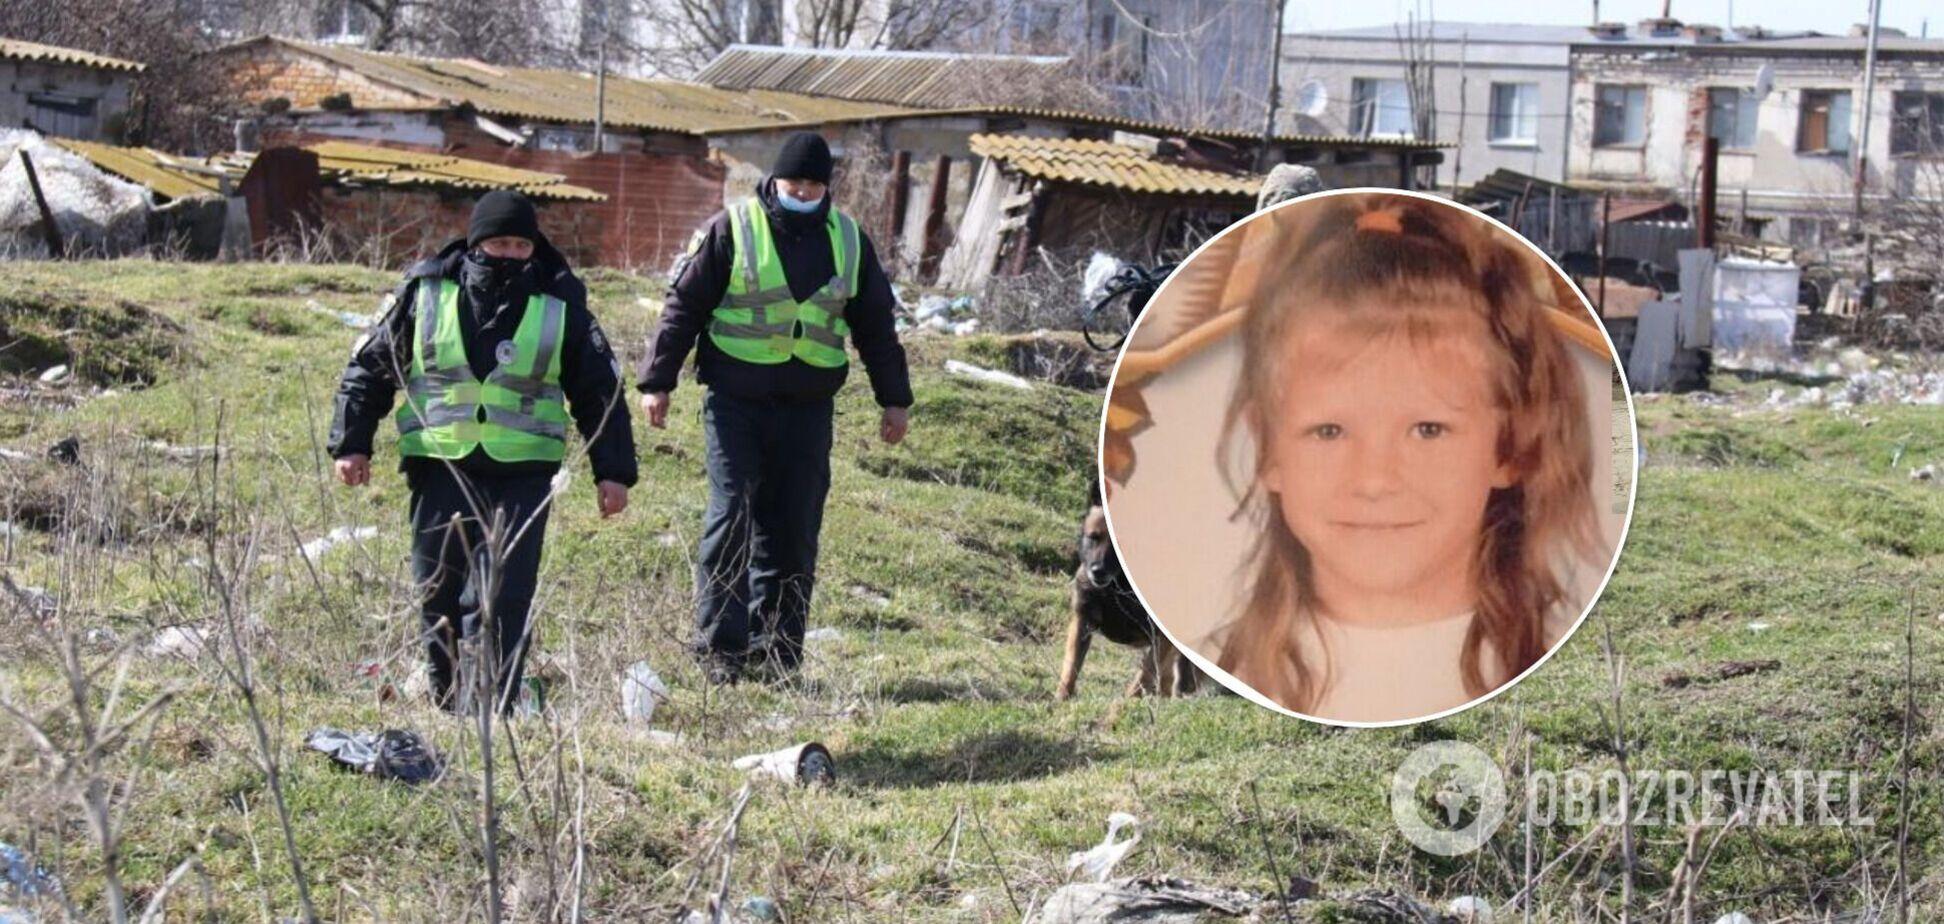 Вбивство Маші Борисової: у поліції заявили про можливе зґвалтування